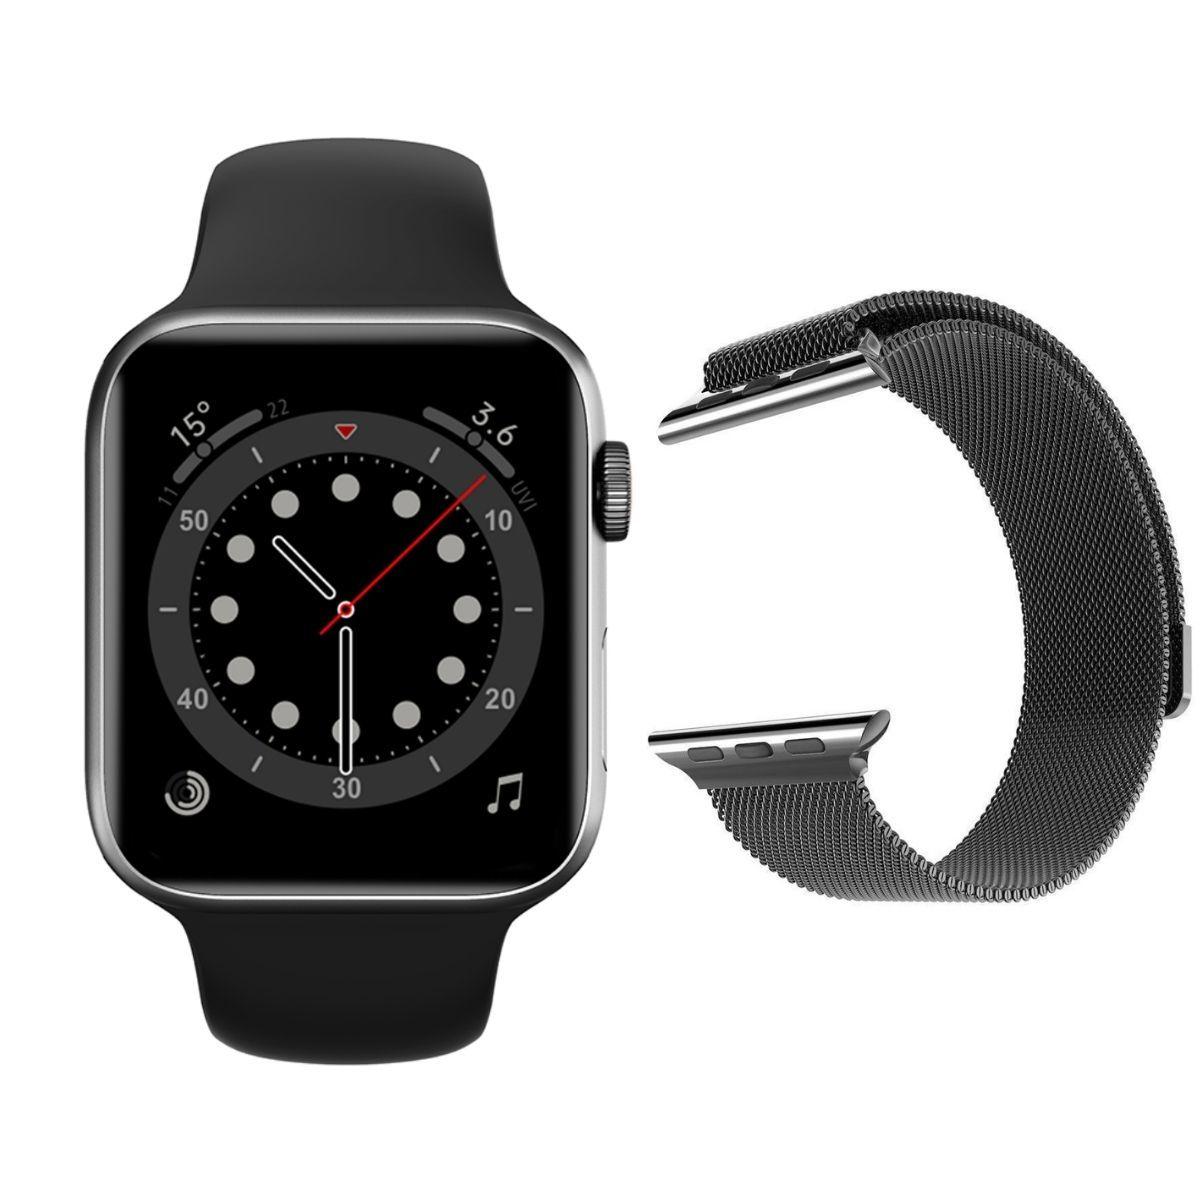 Смарт часы и браслеты Часы Smart Watch IWO 13 Lite (черные) с Миланским браслетом Milanese_loop_IWO13L__1_.jpg